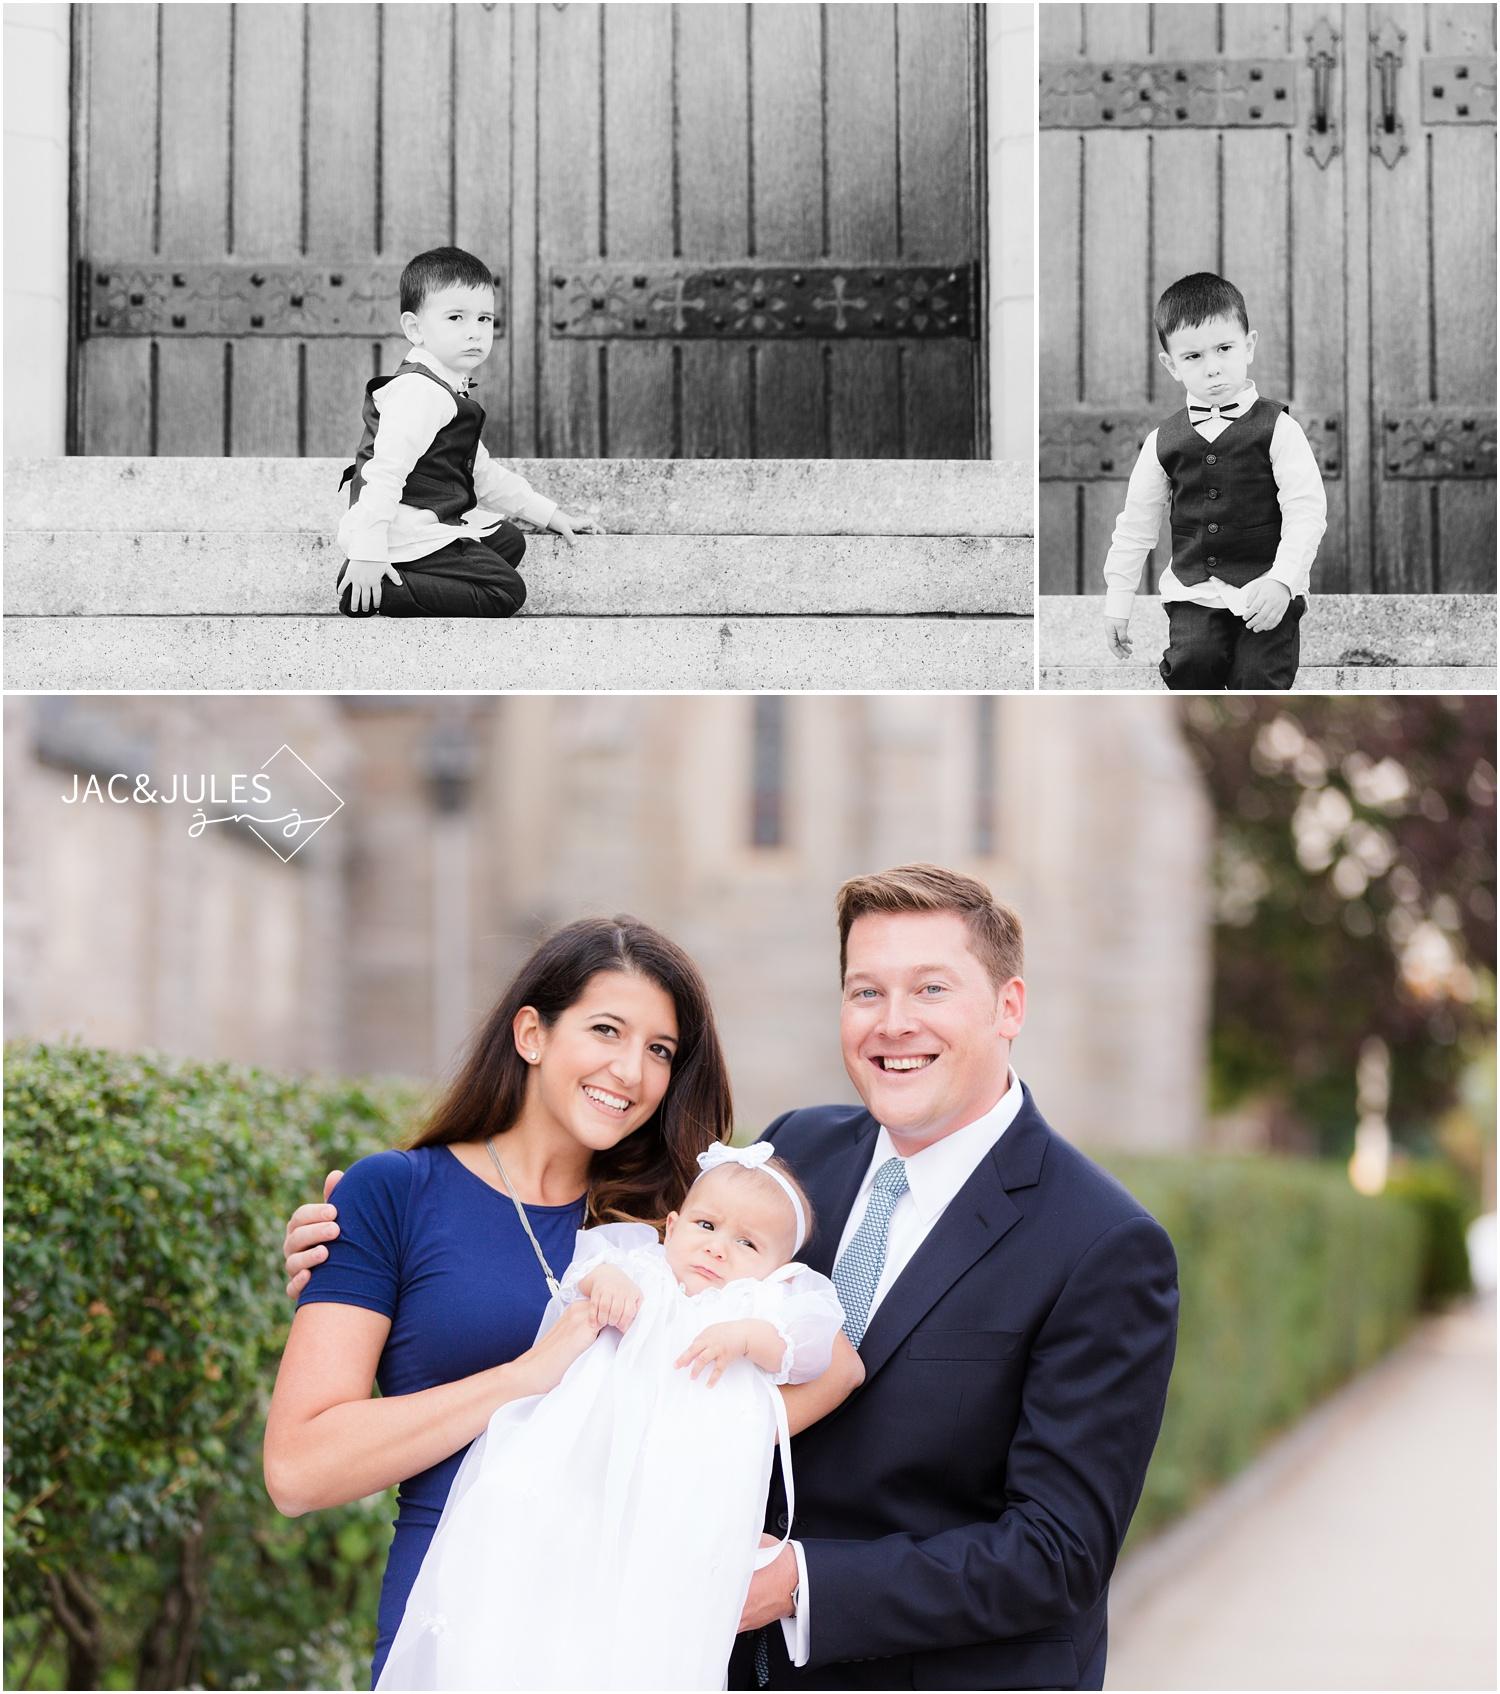 Family photos in Kearny, NJ.